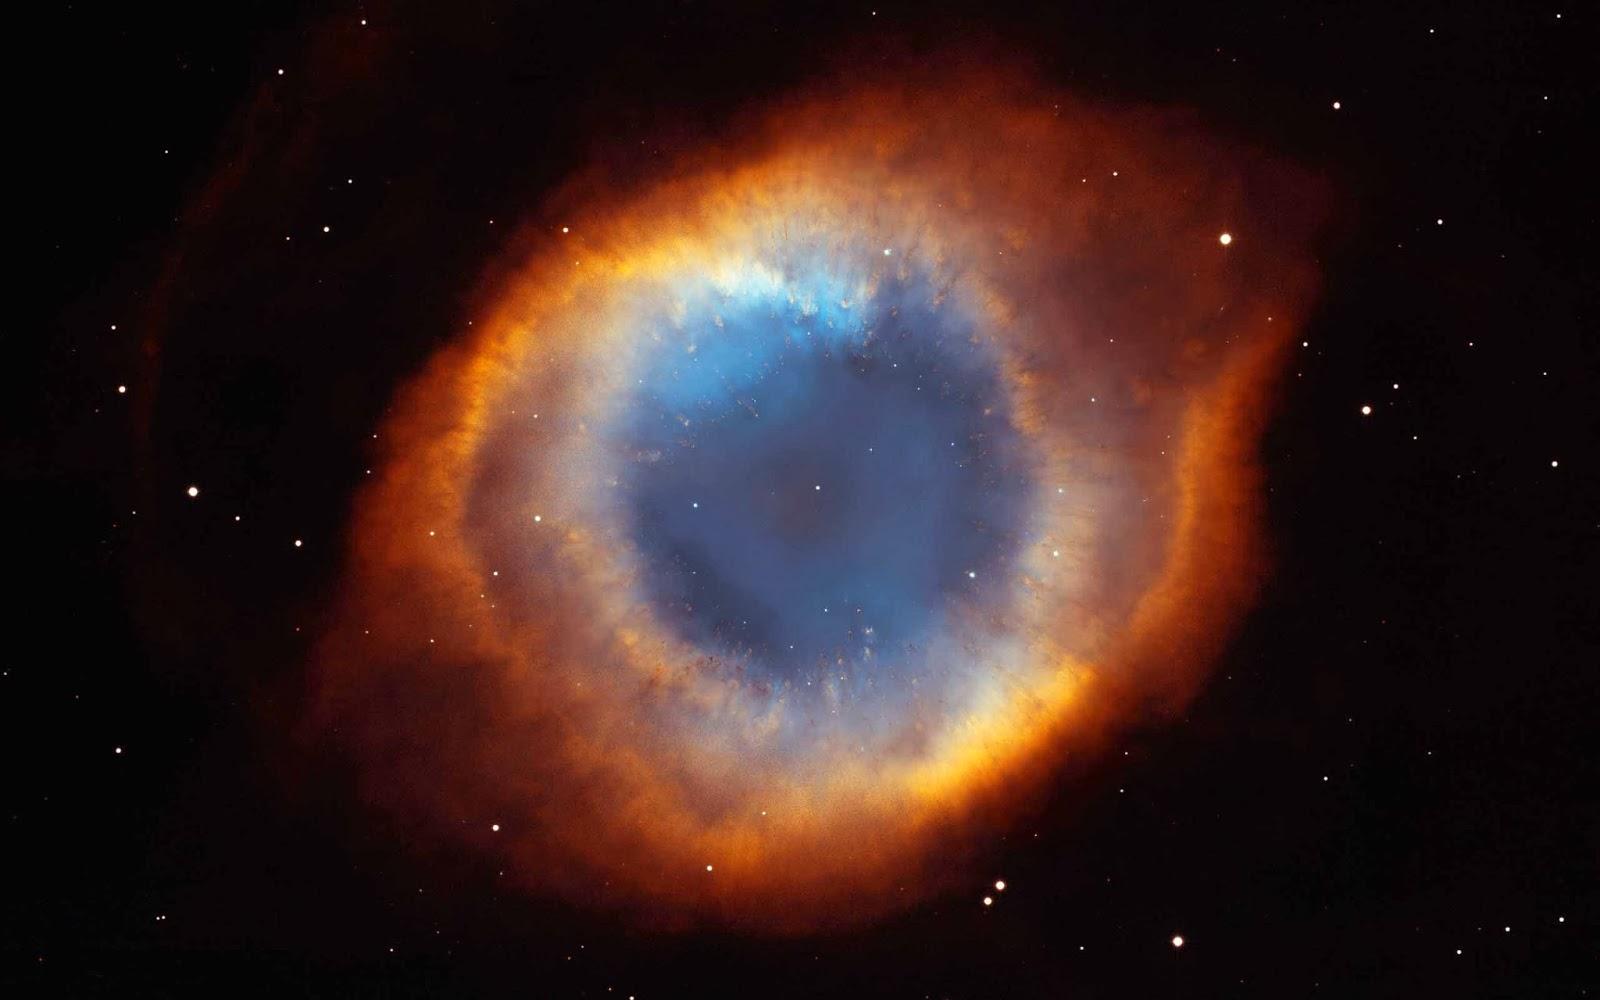 Hd wallpapers cats eye nebula wallpapers - 1080p nebula wallpaper ...